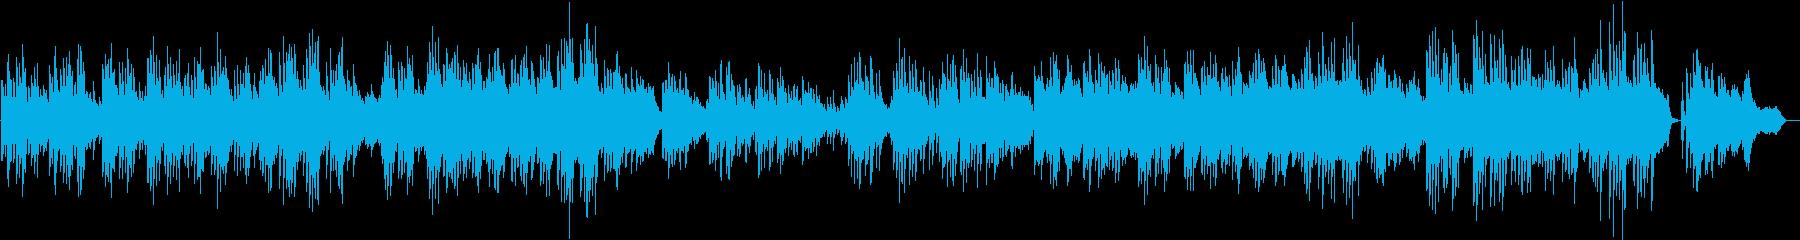 哀愁 美しい ピアノ 生演奏 オケ付きの再生済みの波形